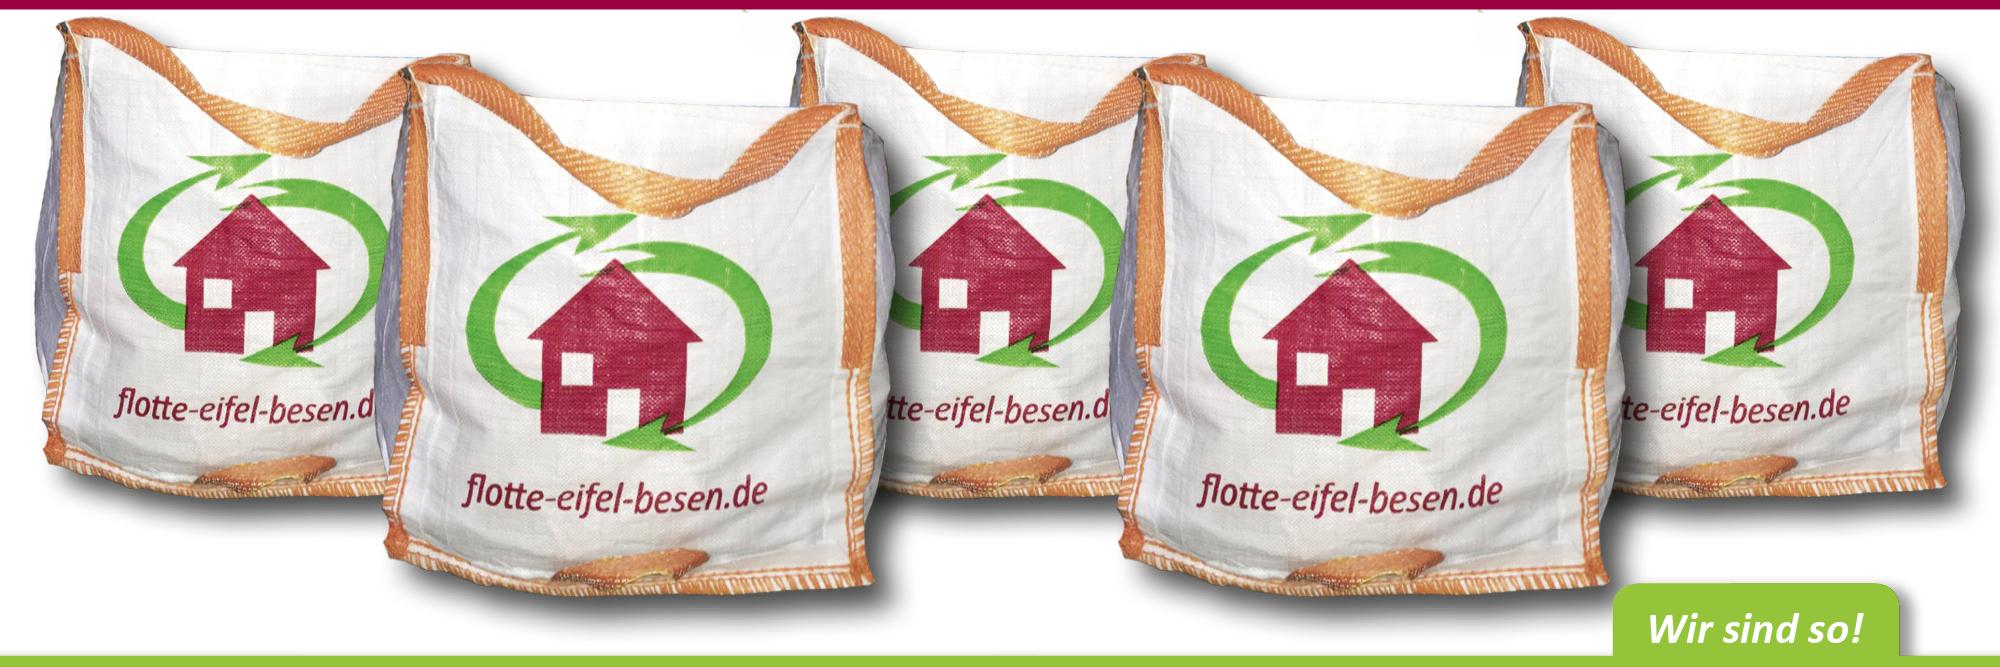 Big-Bags helfen Ordnung zu schaffen – flotte-eifel-besen.de